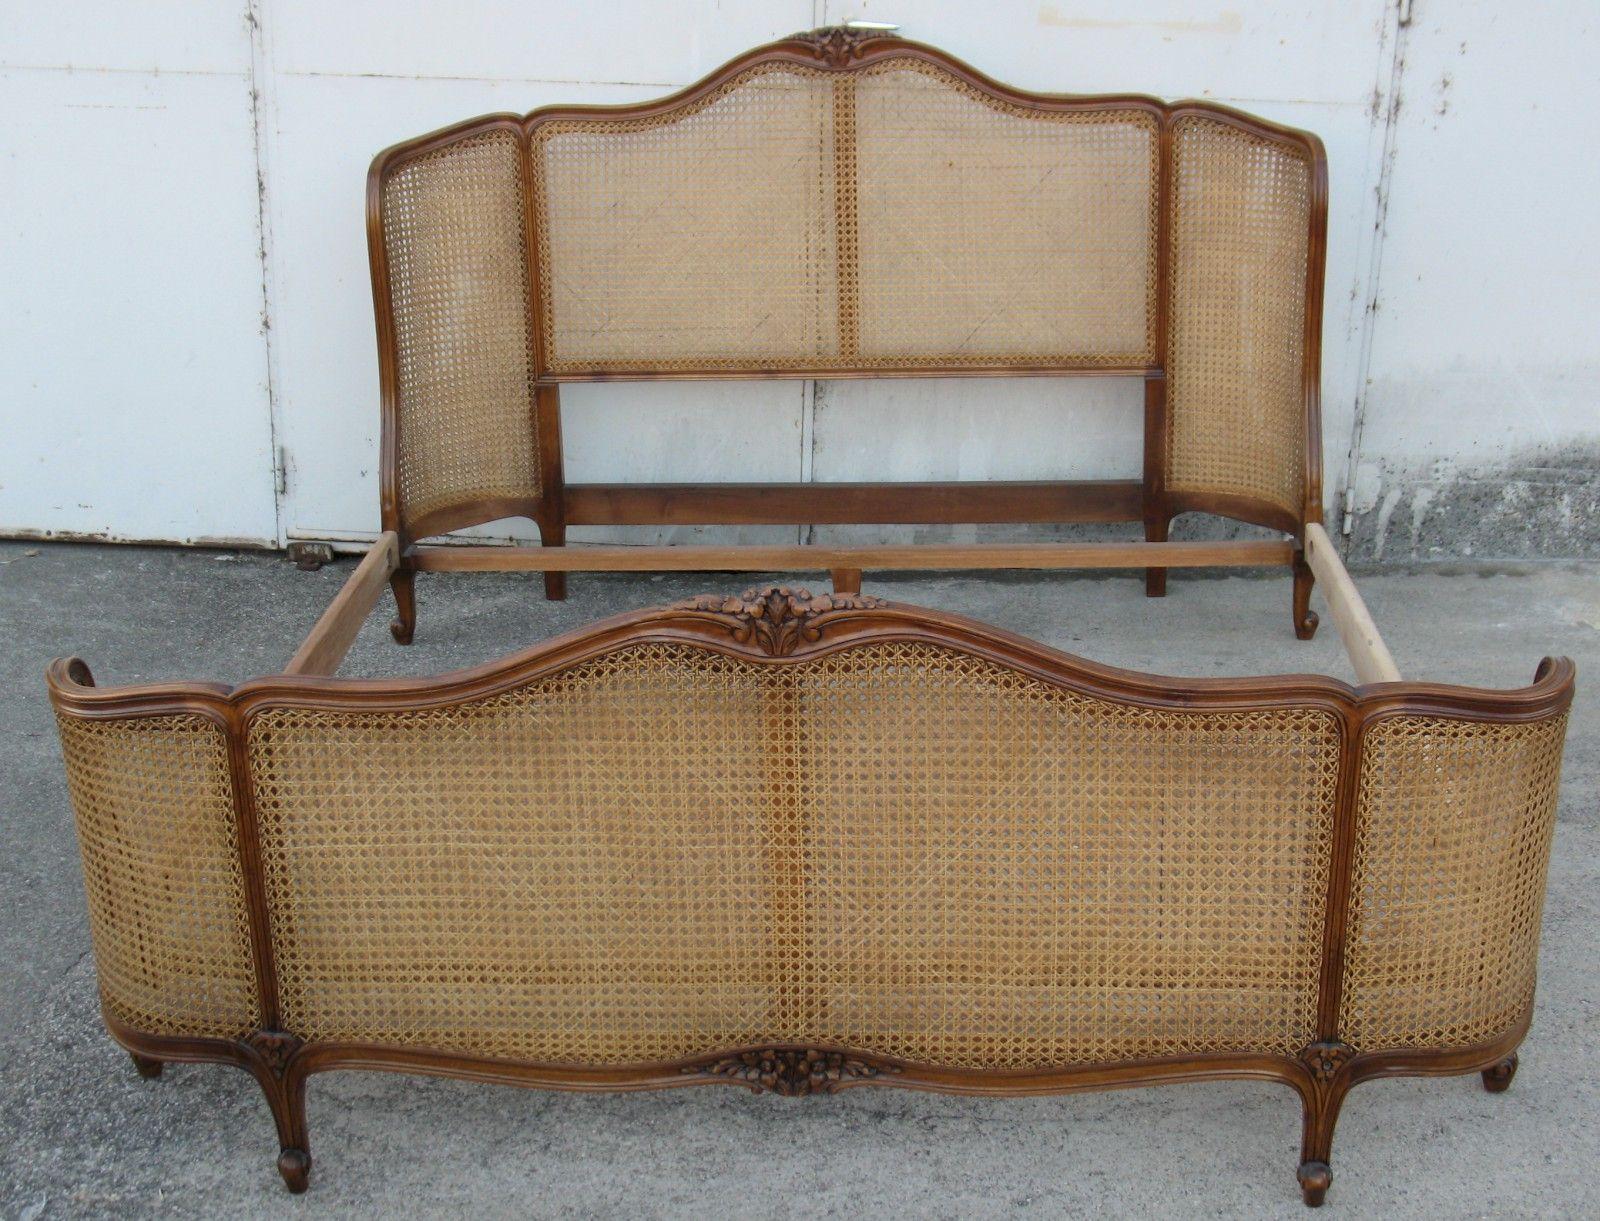 lit de style louis xv avec t te et pied corbeille cann. Black Bedroom Furniture Sets. Home Design Ideas